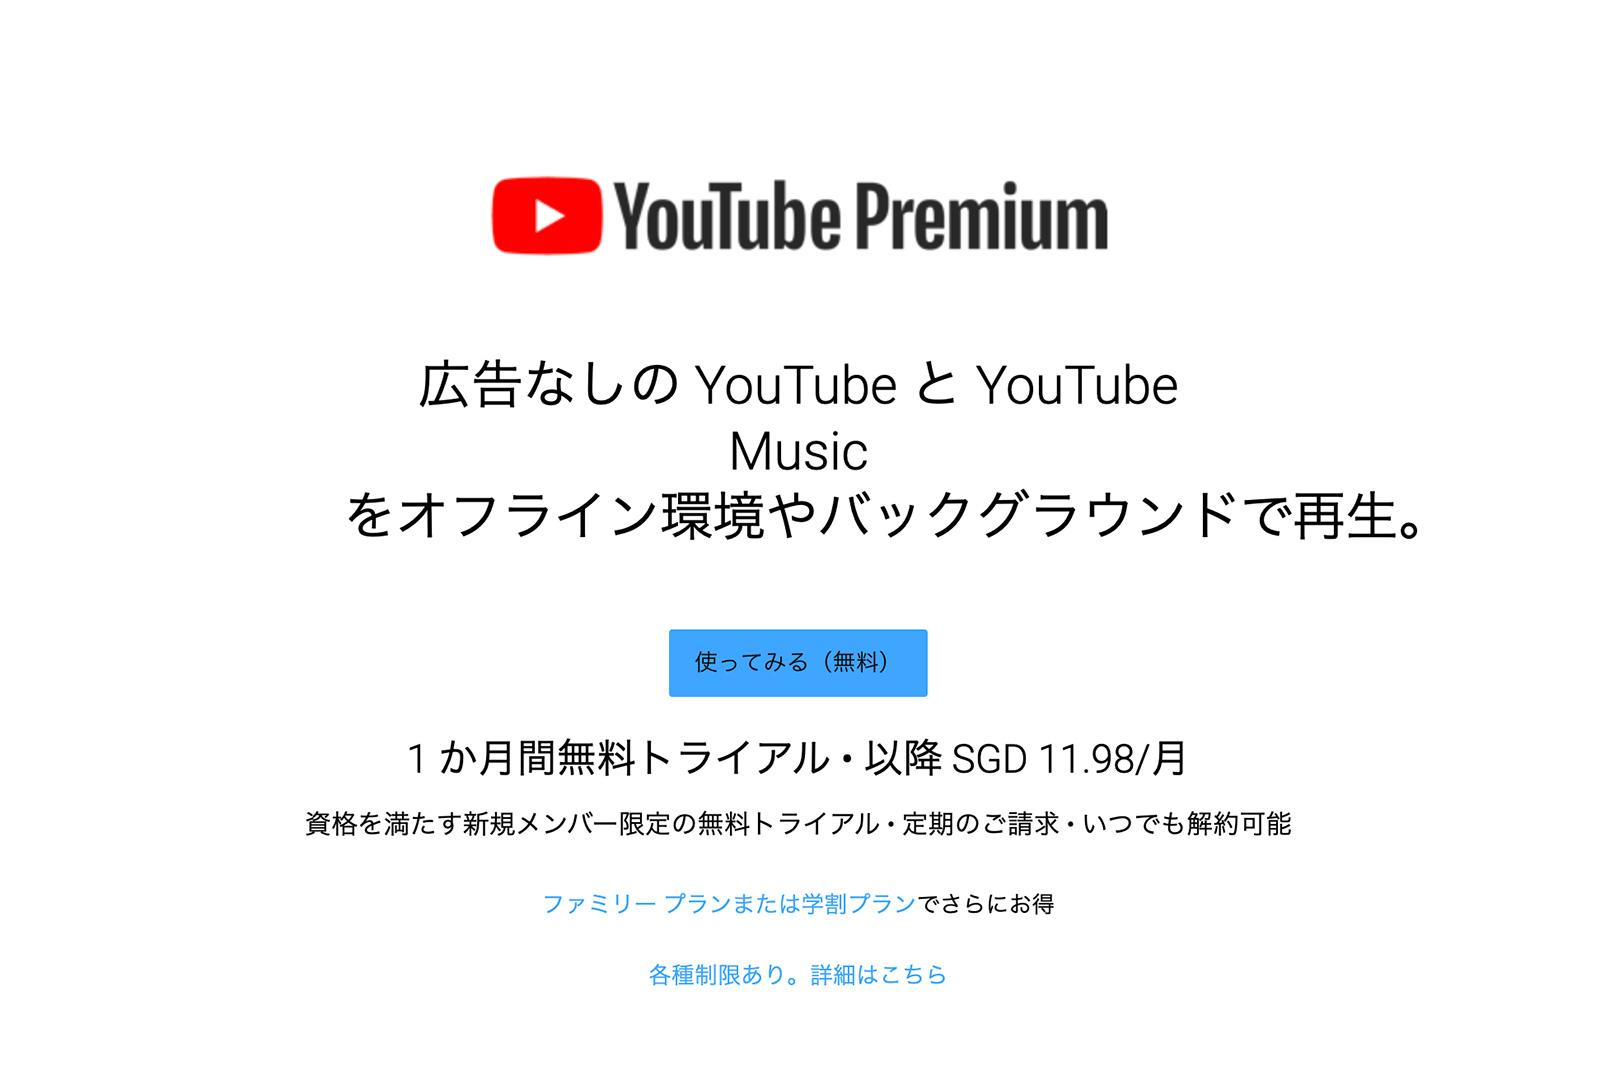 YouTube(ユーチューブ)プレミアムシンガポールの価格